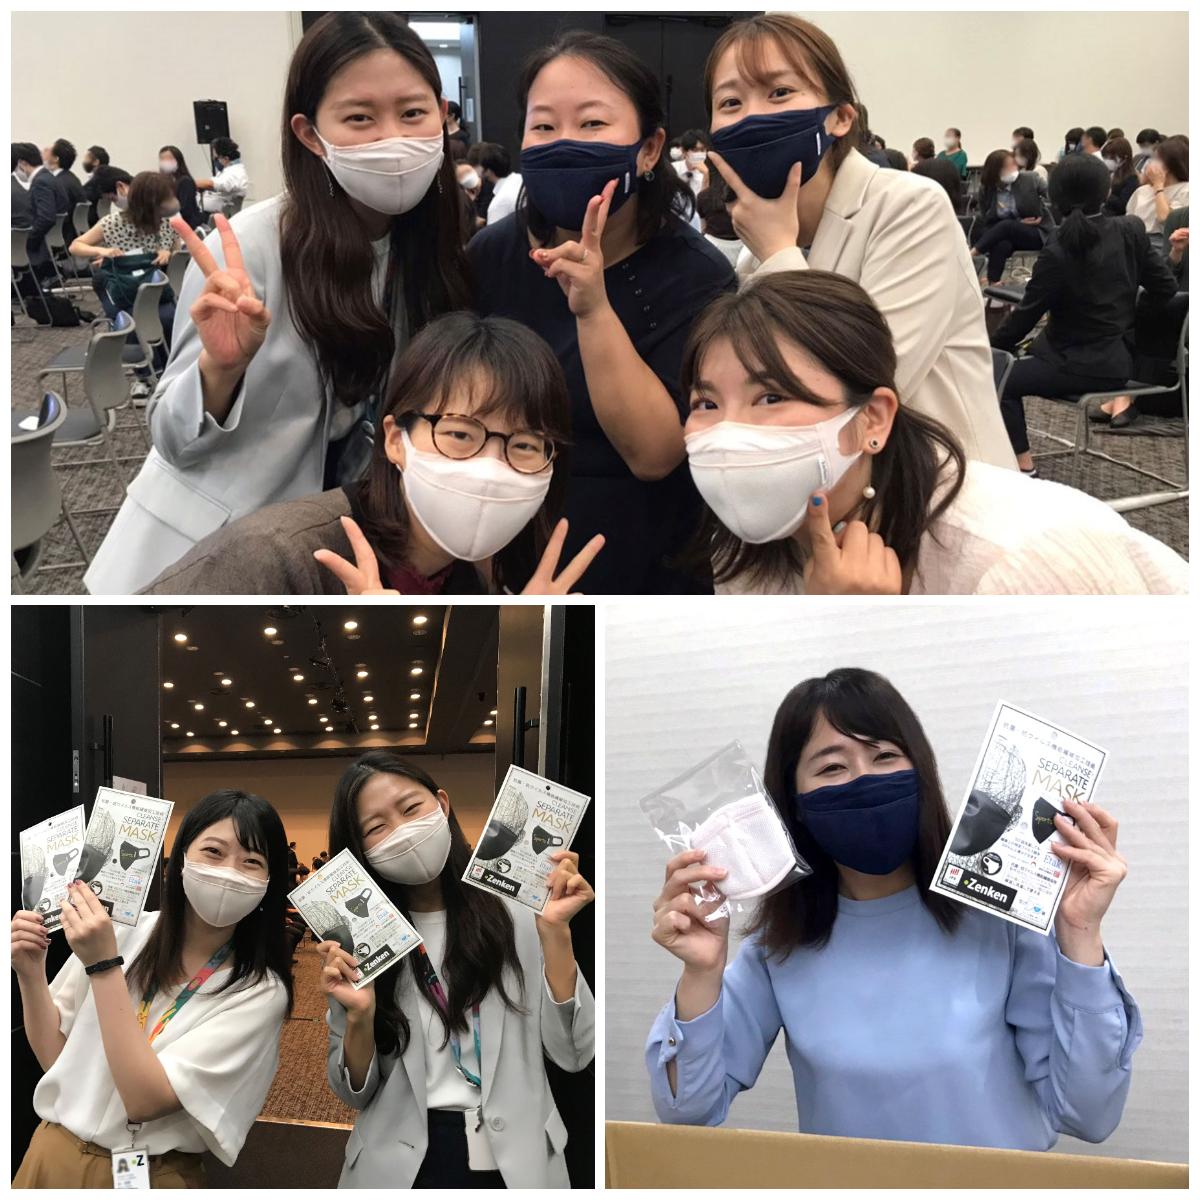 全研マスクを着用する社員の様子